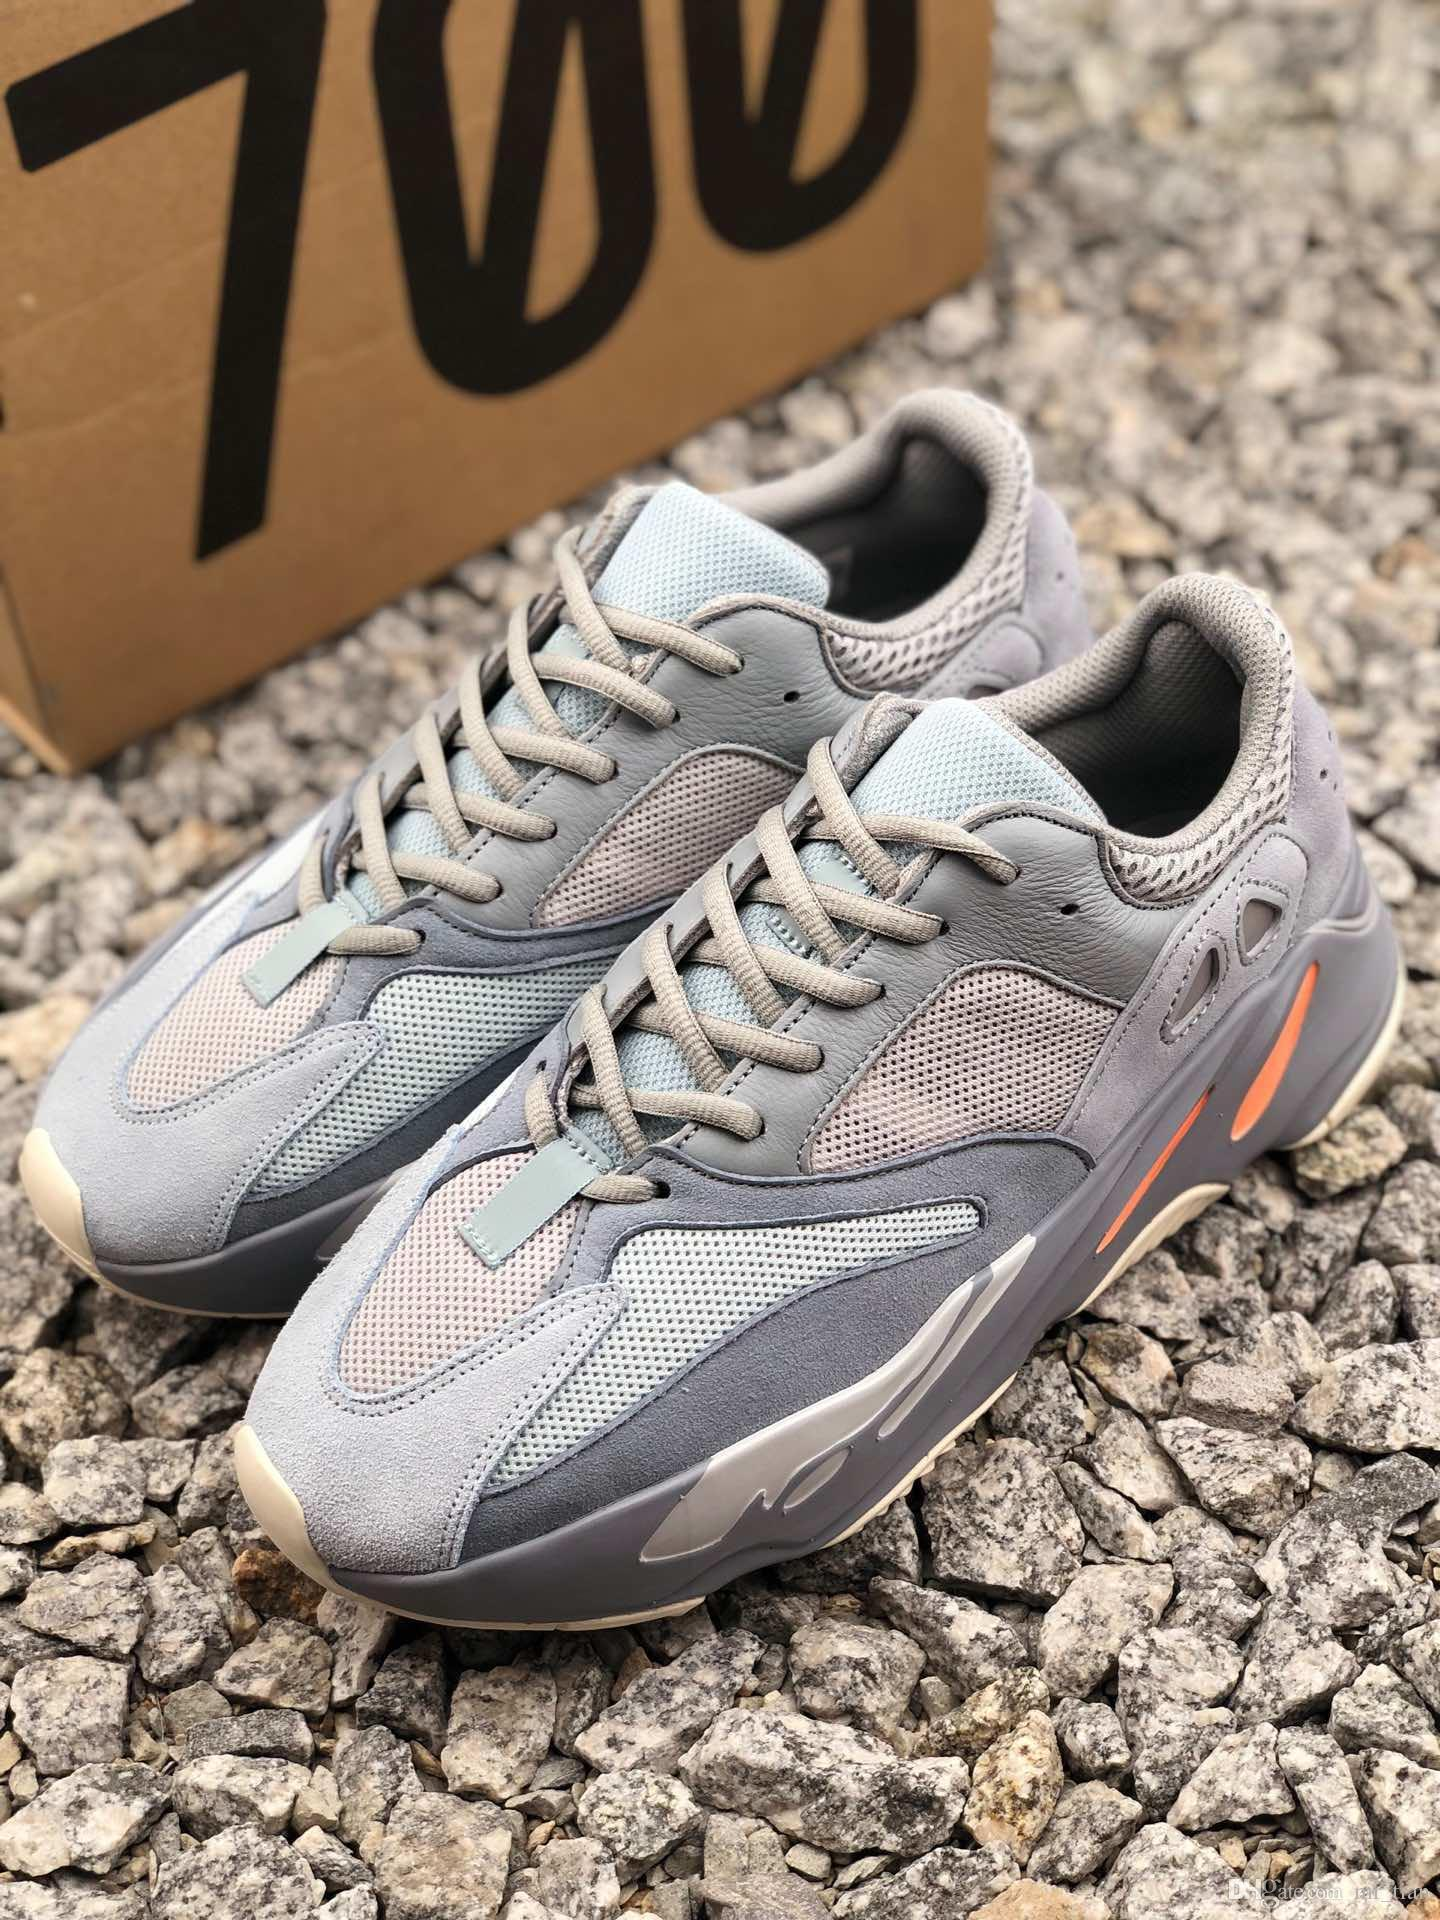 Acheter Adidas Yeezy 700 V2 Boost Running Shoes 2019 Nouvelles Chaussures  De Course 700 V2 Salt Pour Hommes Et Femmes. Baskets Mode B75571 Euro 36 46  ...